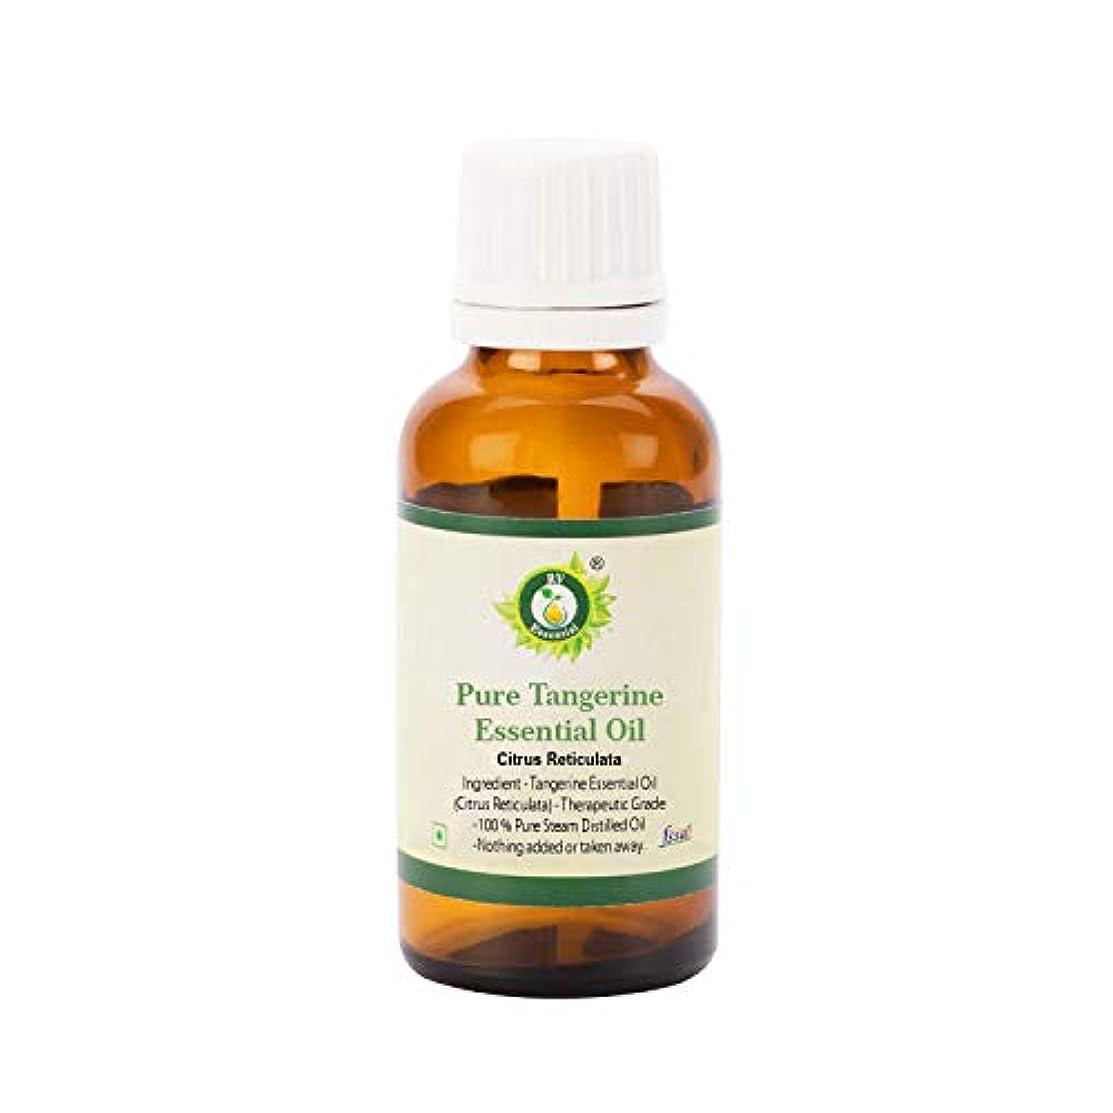 容疑者閉塞チーターR V Essential ピュアタンジェリンエッセンシャルオイル50ml (1.69oz)- Citrus Reticulata (100%純粋&天然スチームDistilled) Pure Tangerine Essential...